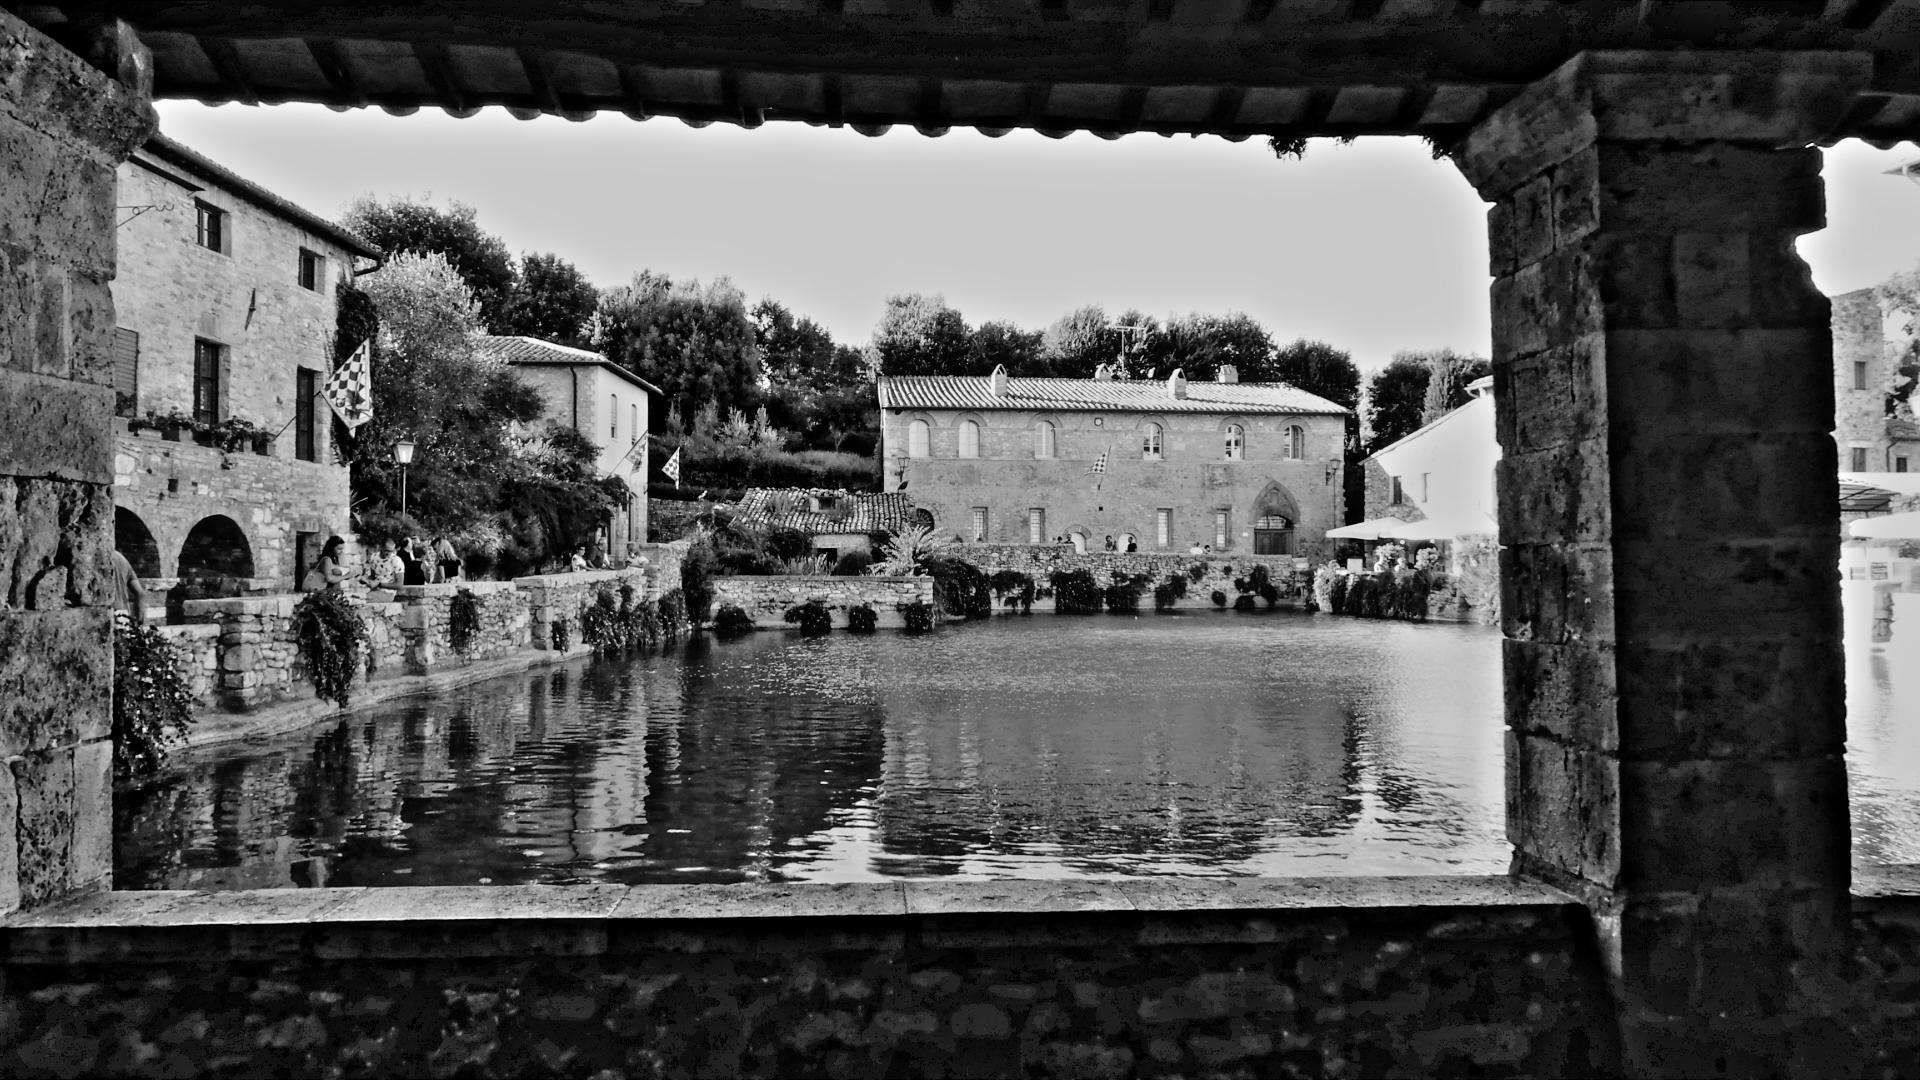 The square of Bagno Vignoni in black and white...